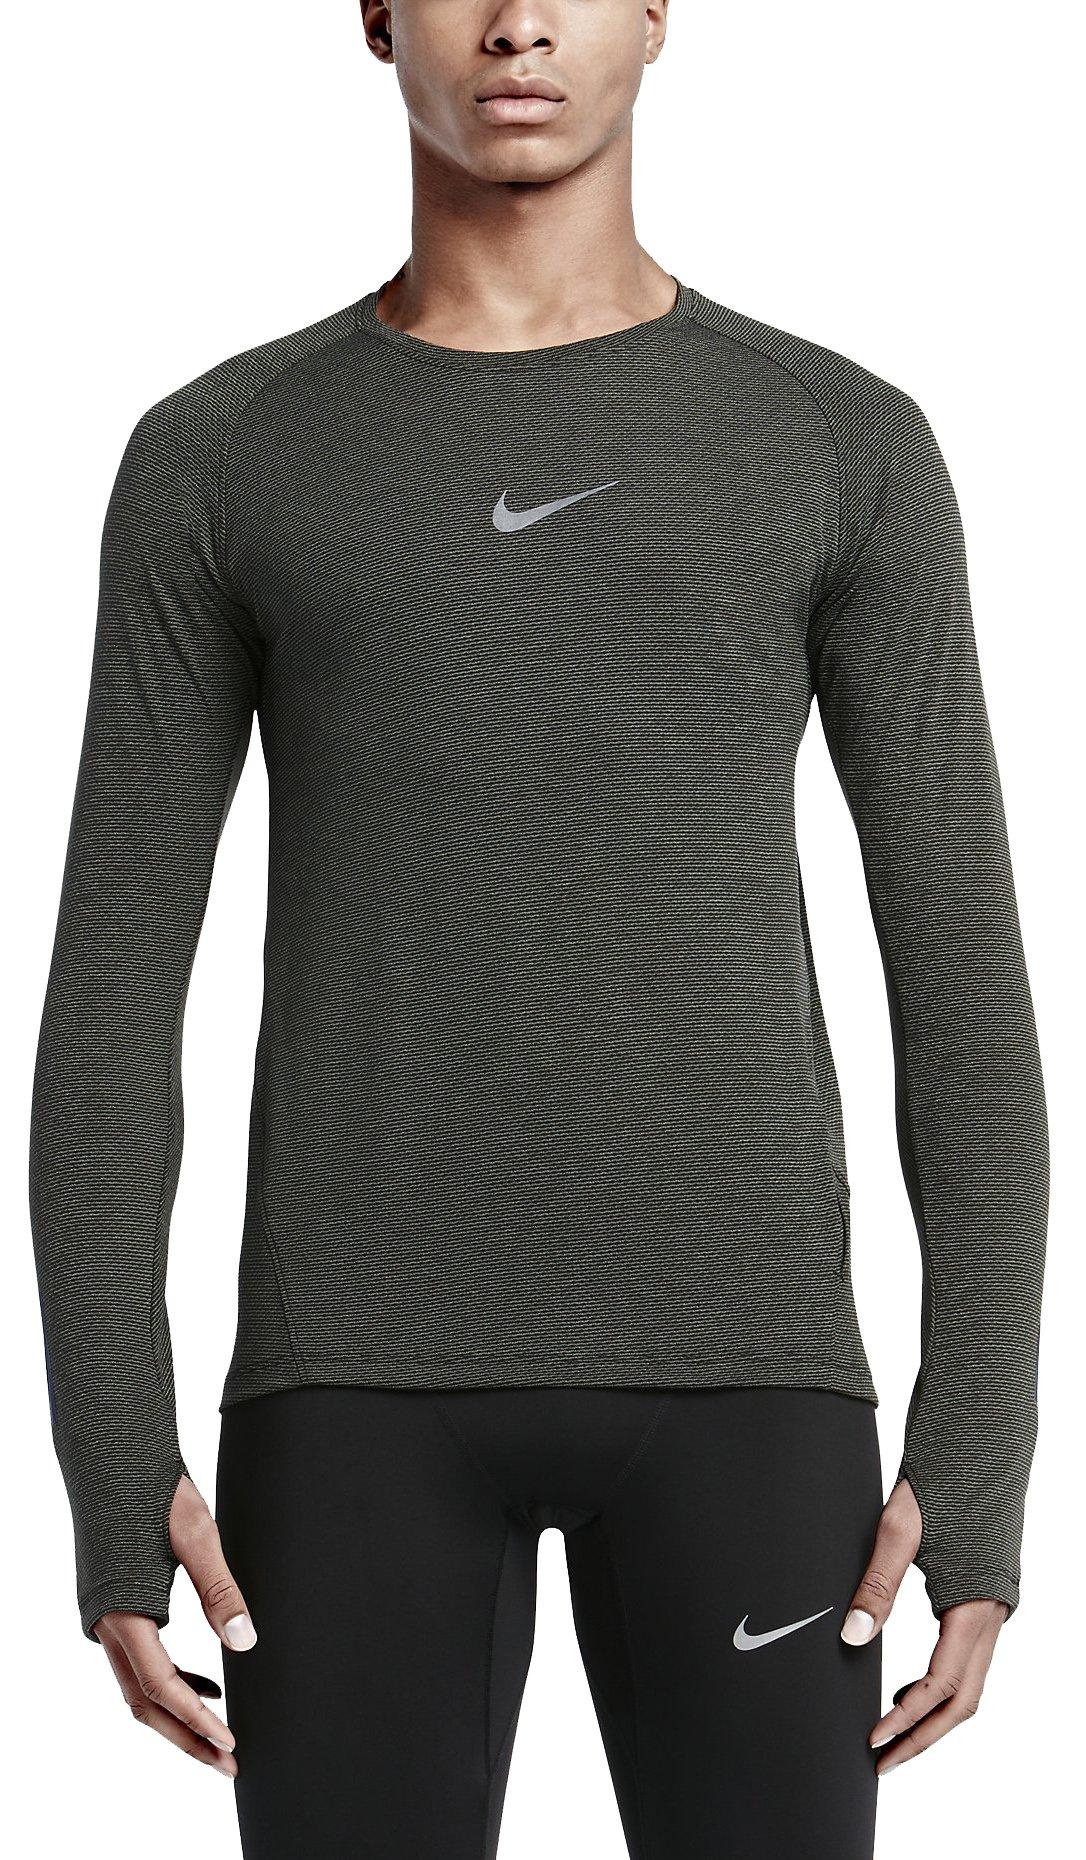 Triko s dlouhým rukávem Nike DF AEROREACT LS